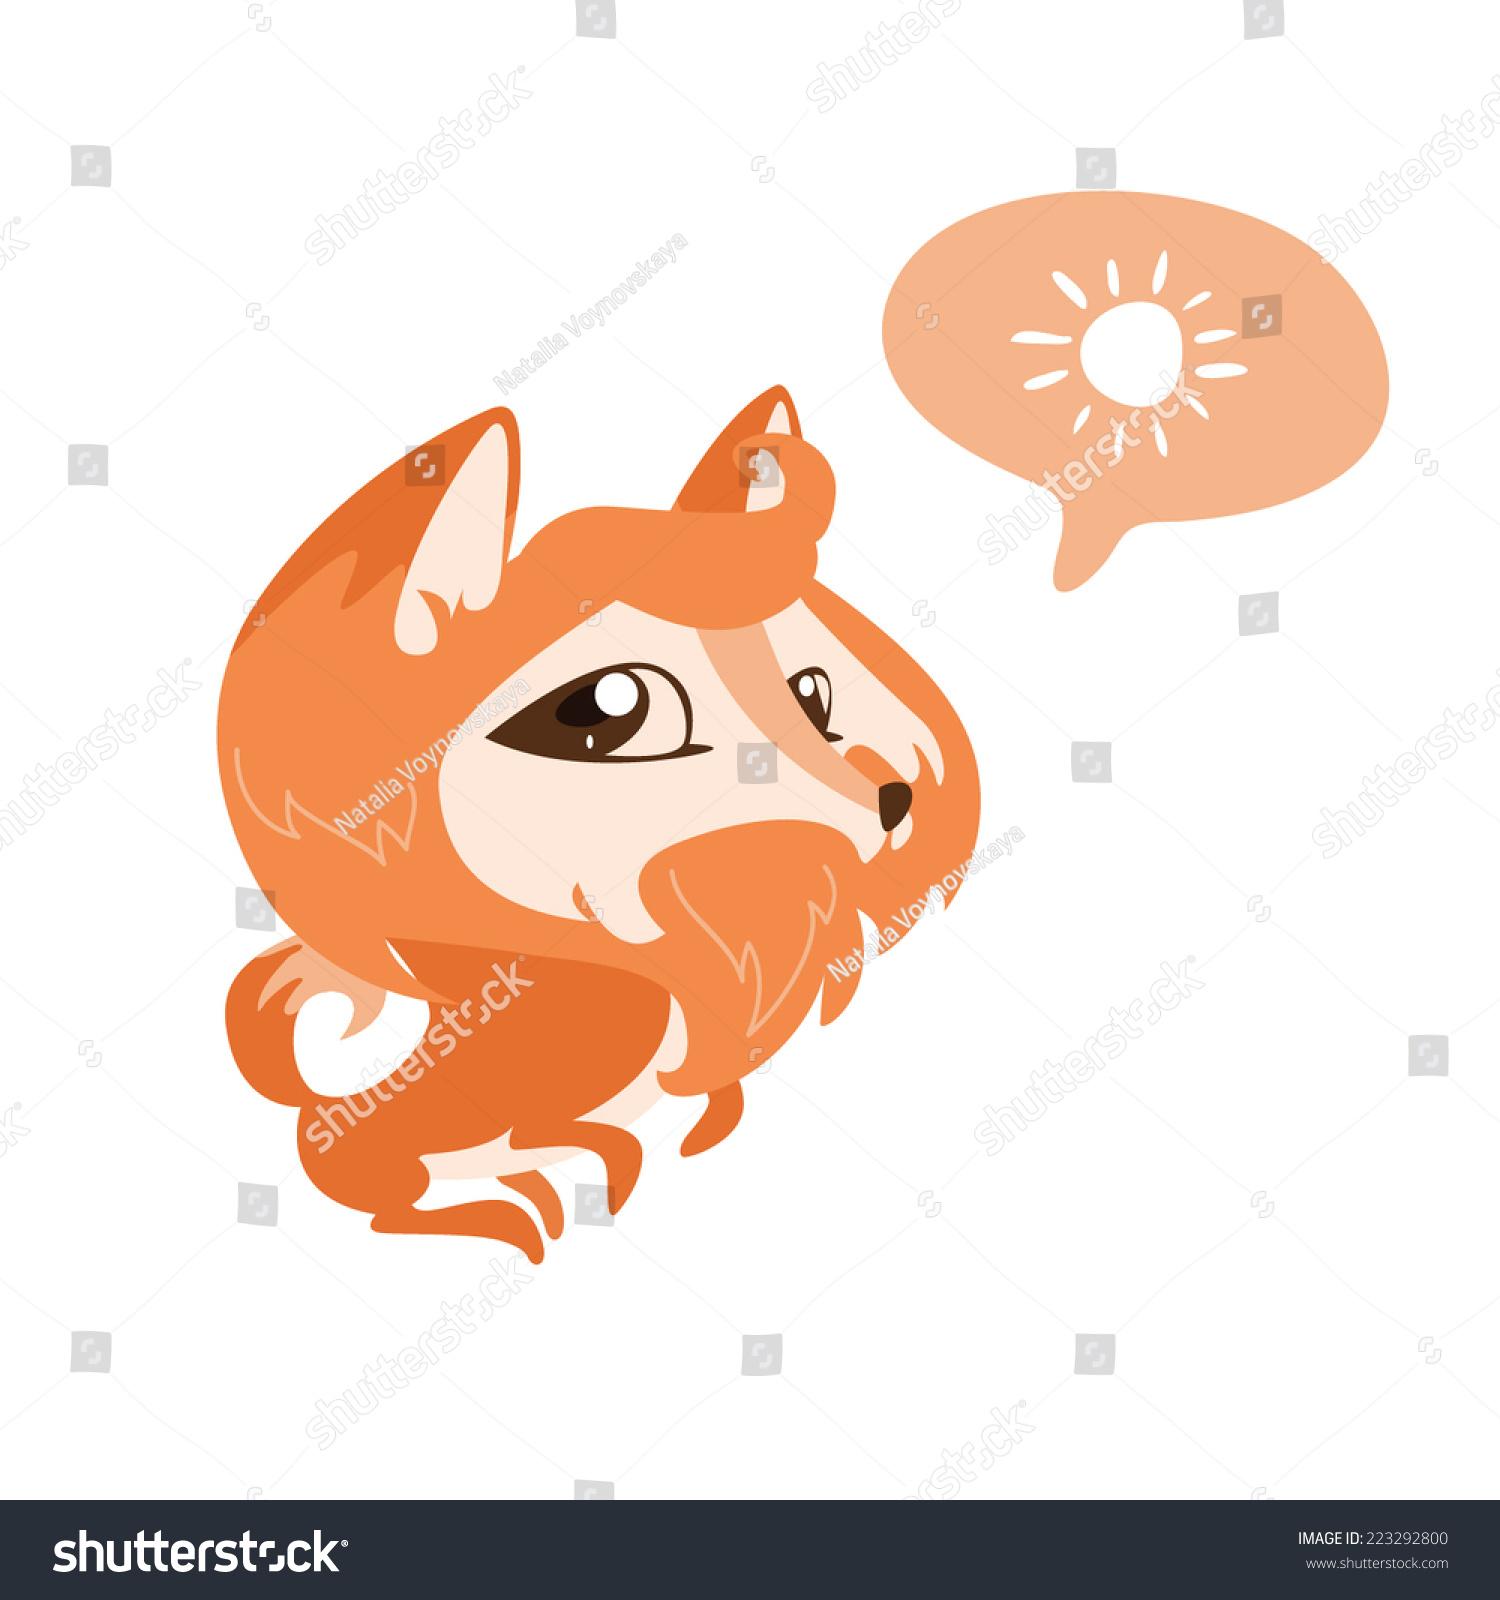 可爱的狐狸在言语中的太阳-动物/野生生物-海洛创意()